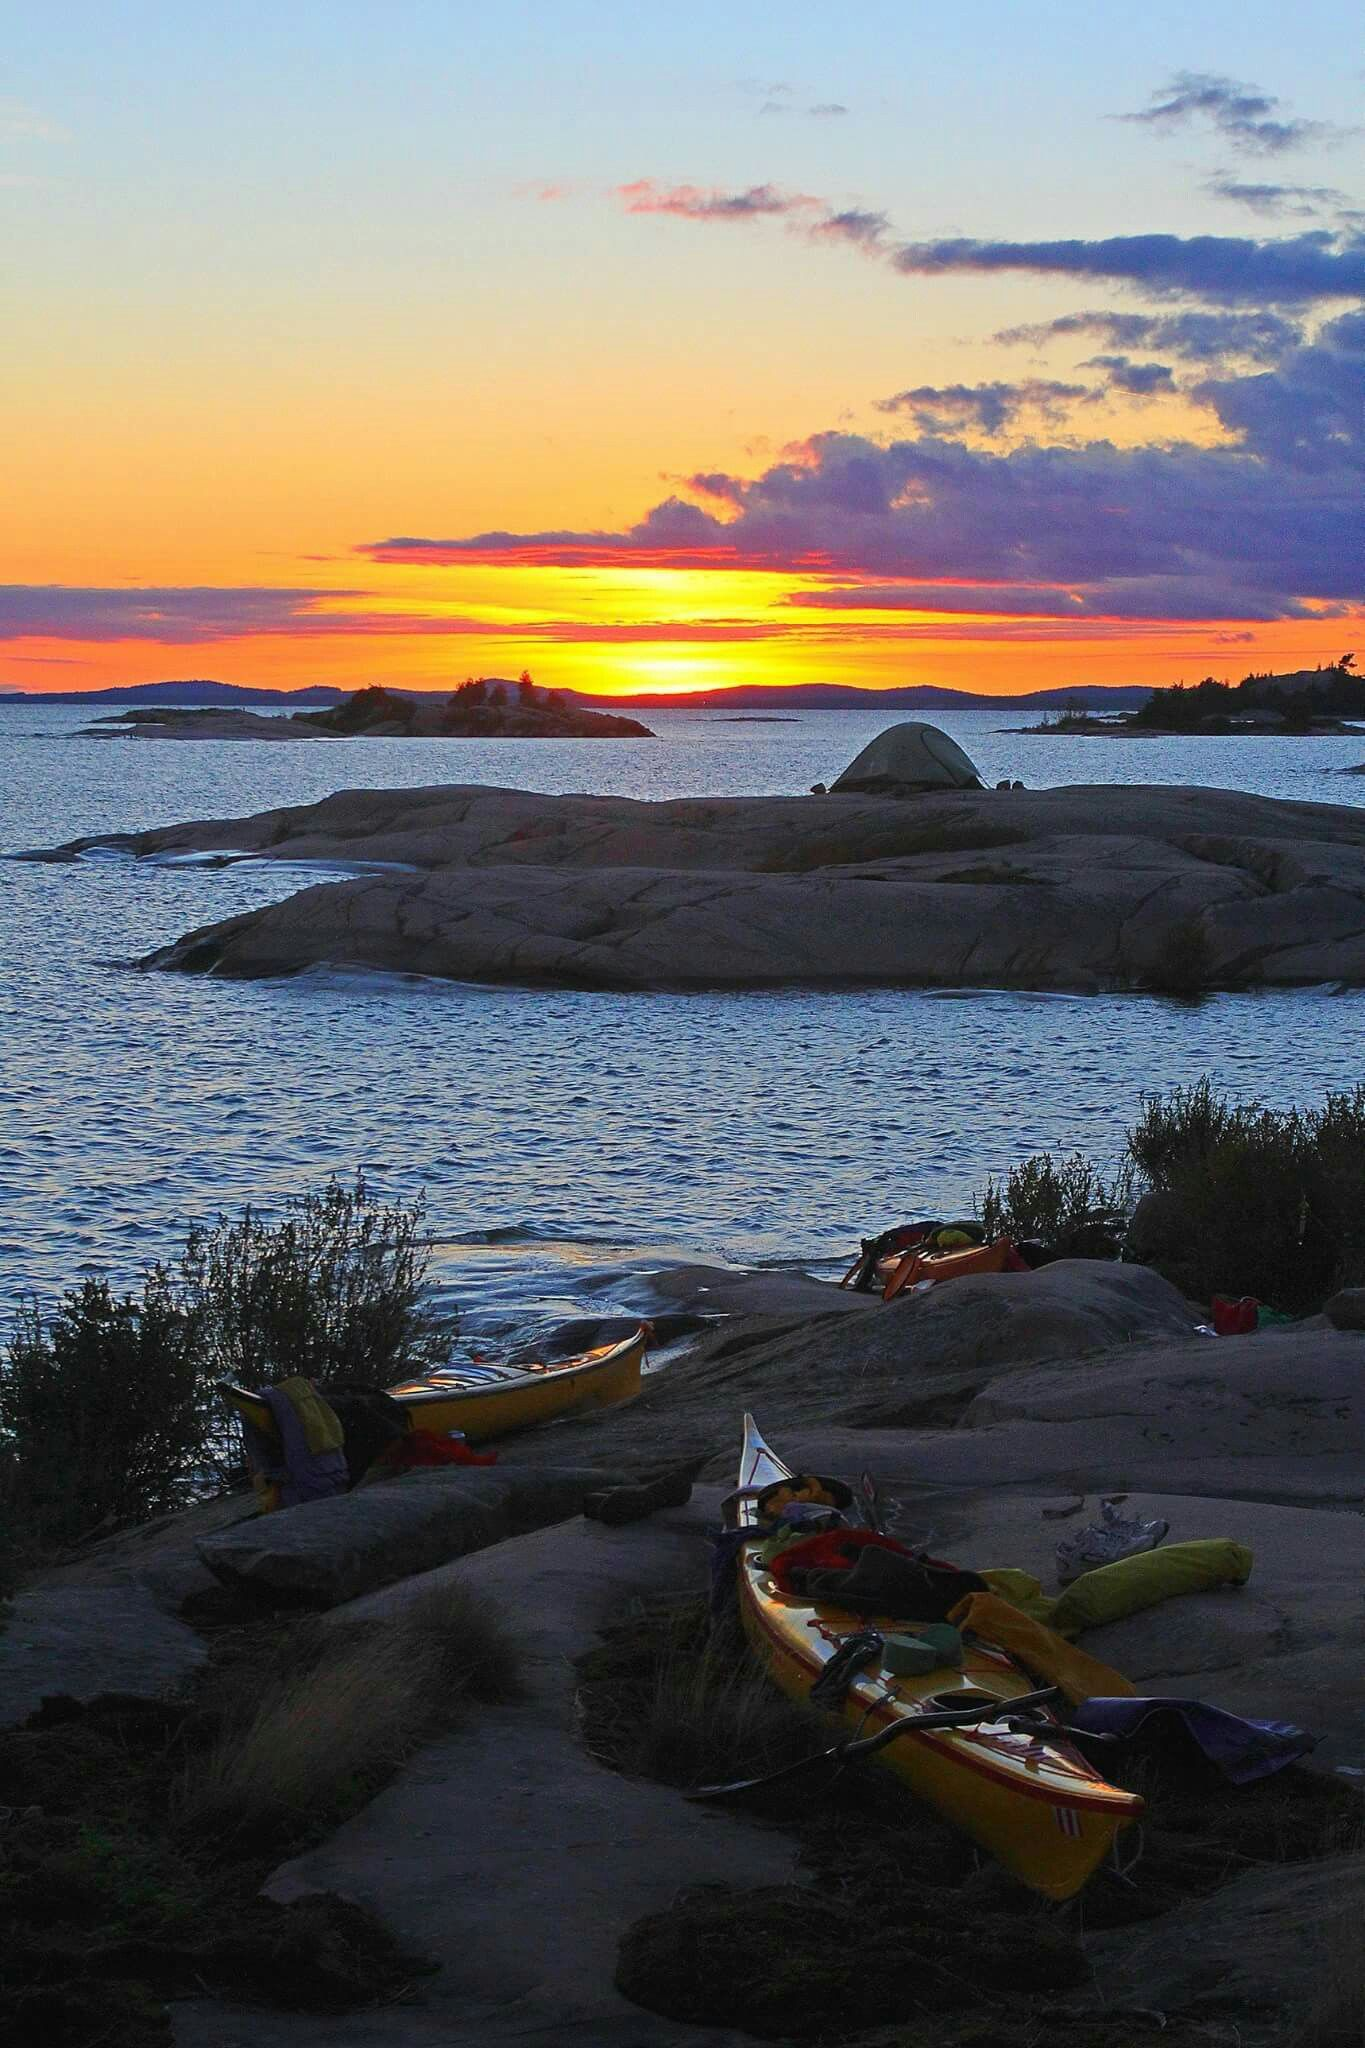 Bay ontario kayaking canoe natural beauty